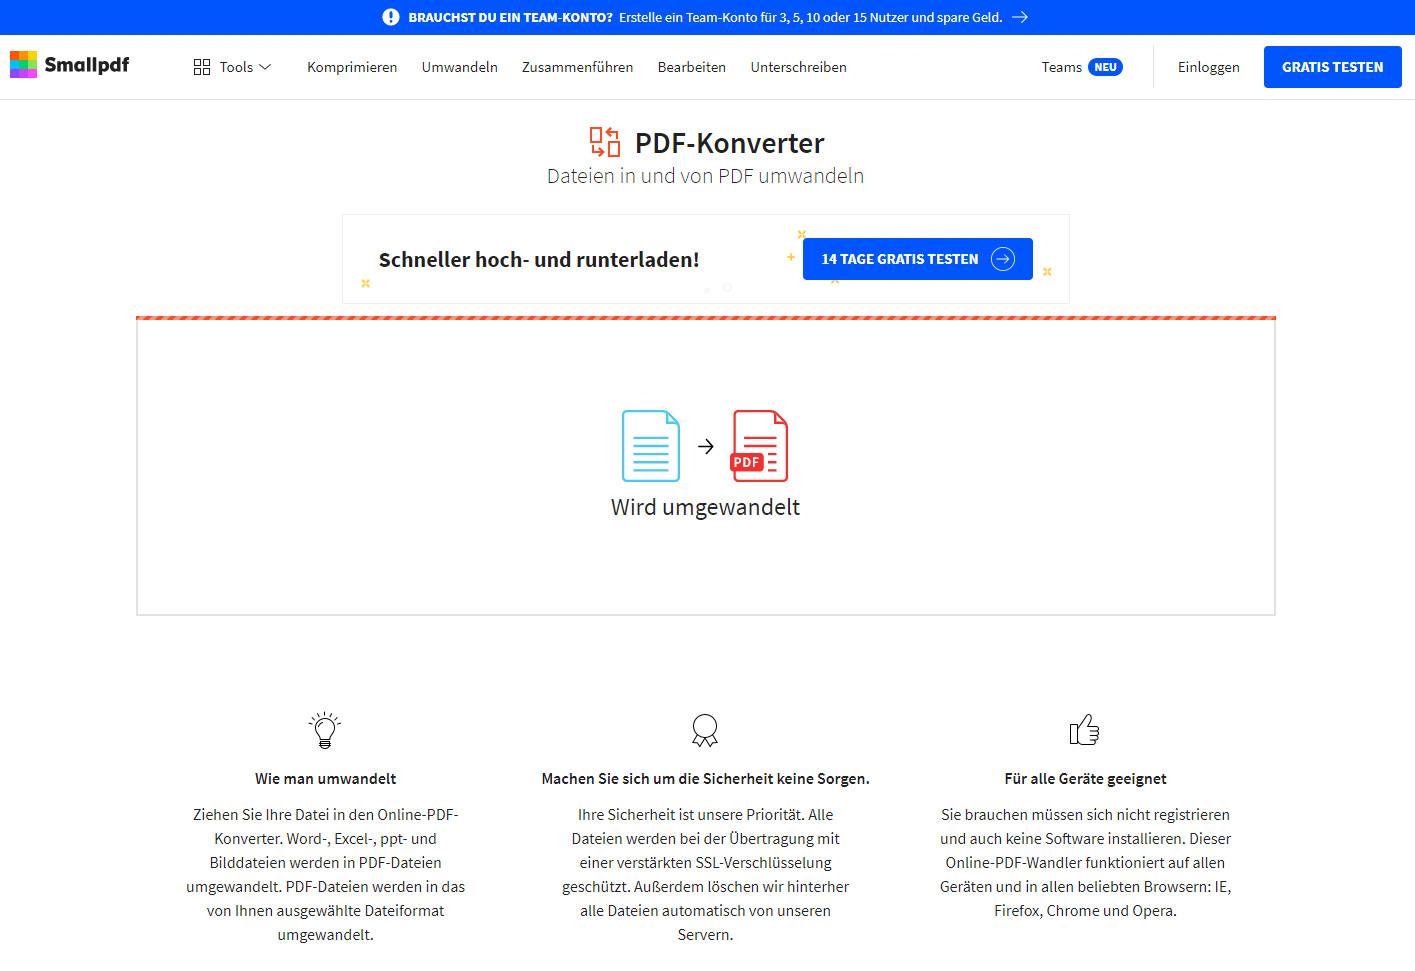 Screenshot 1 - PDF-Konverter